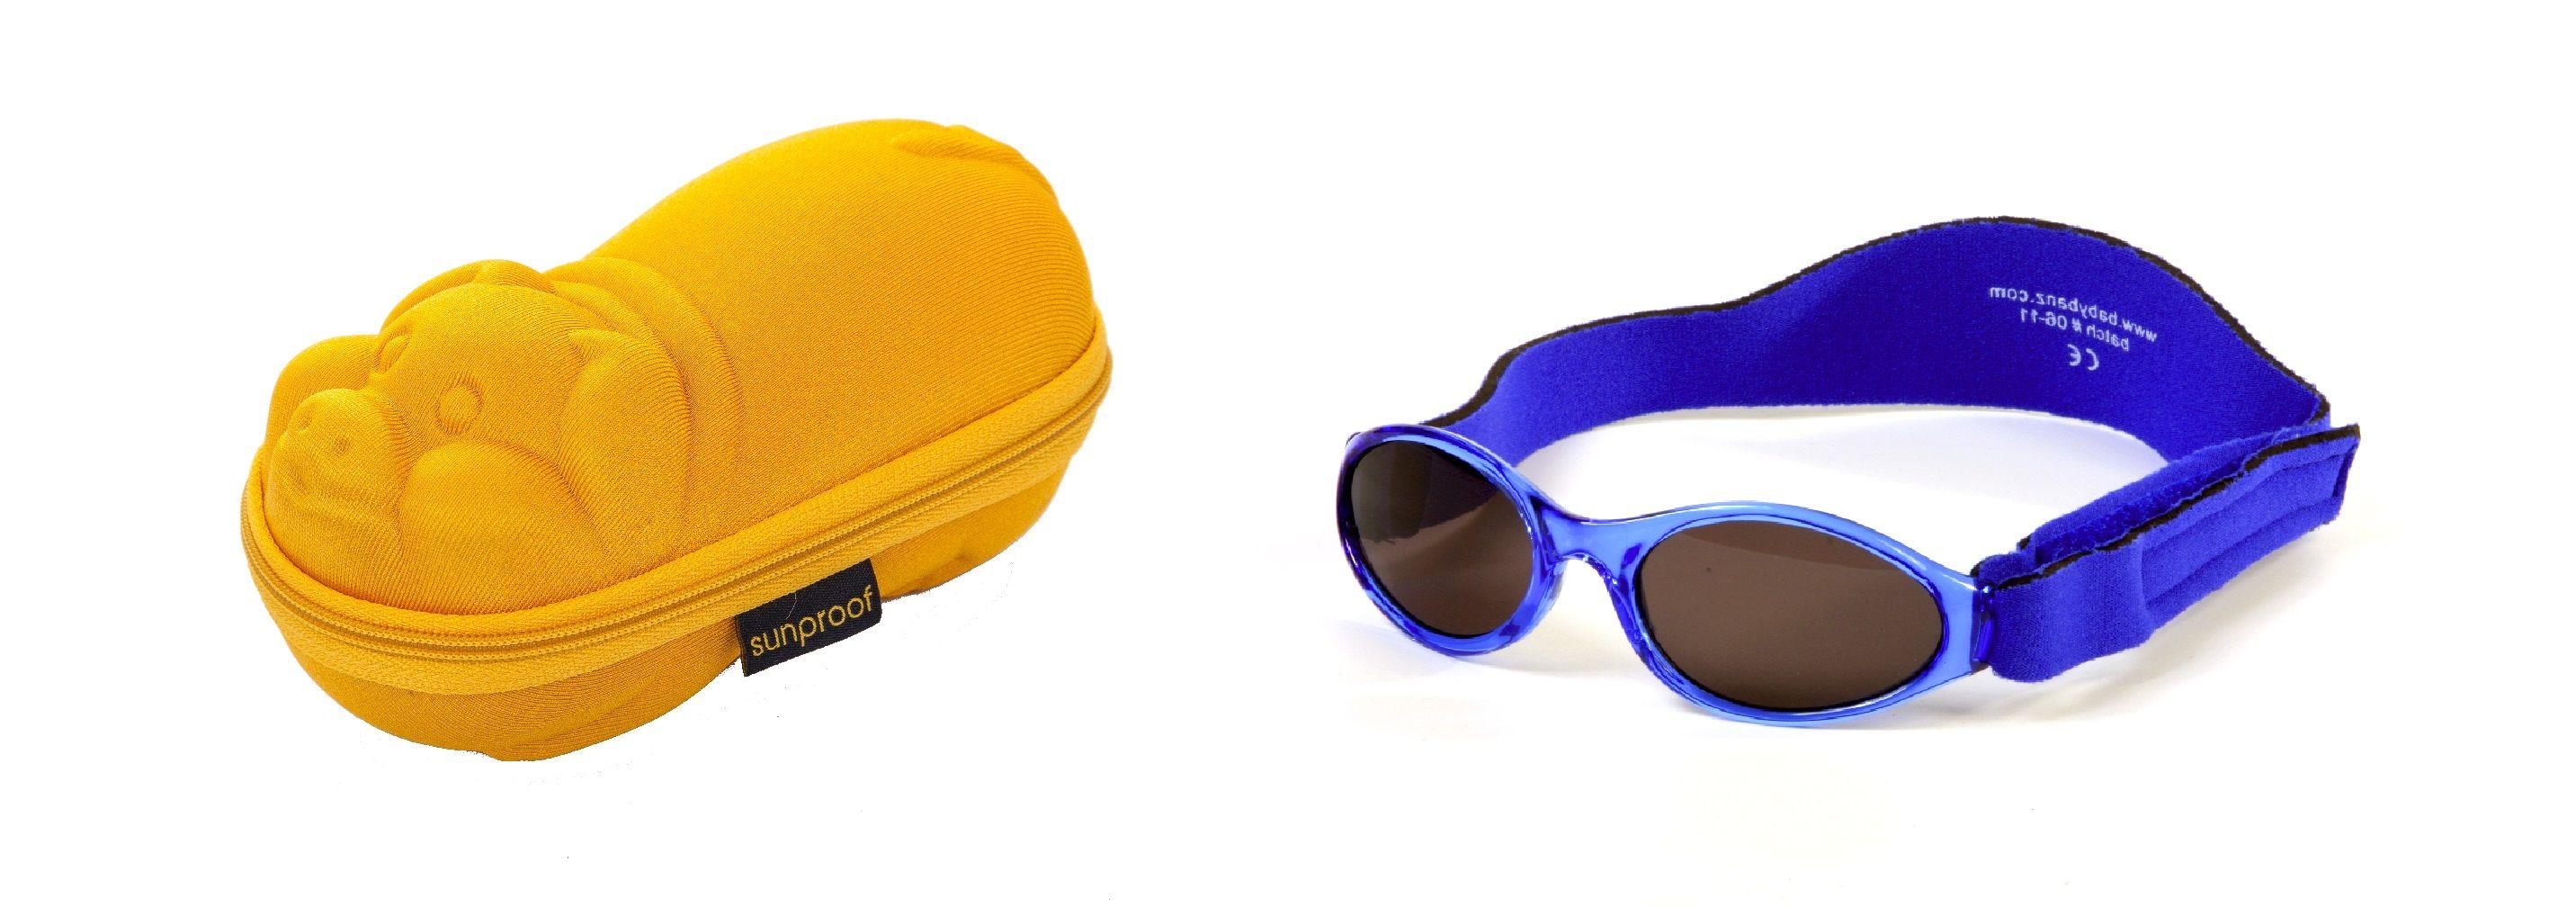 Une combinaison Lot de Babybanz Lunettes de soleil Bleu et un étui lunettes  de soleil en 4589a4d5dc5a